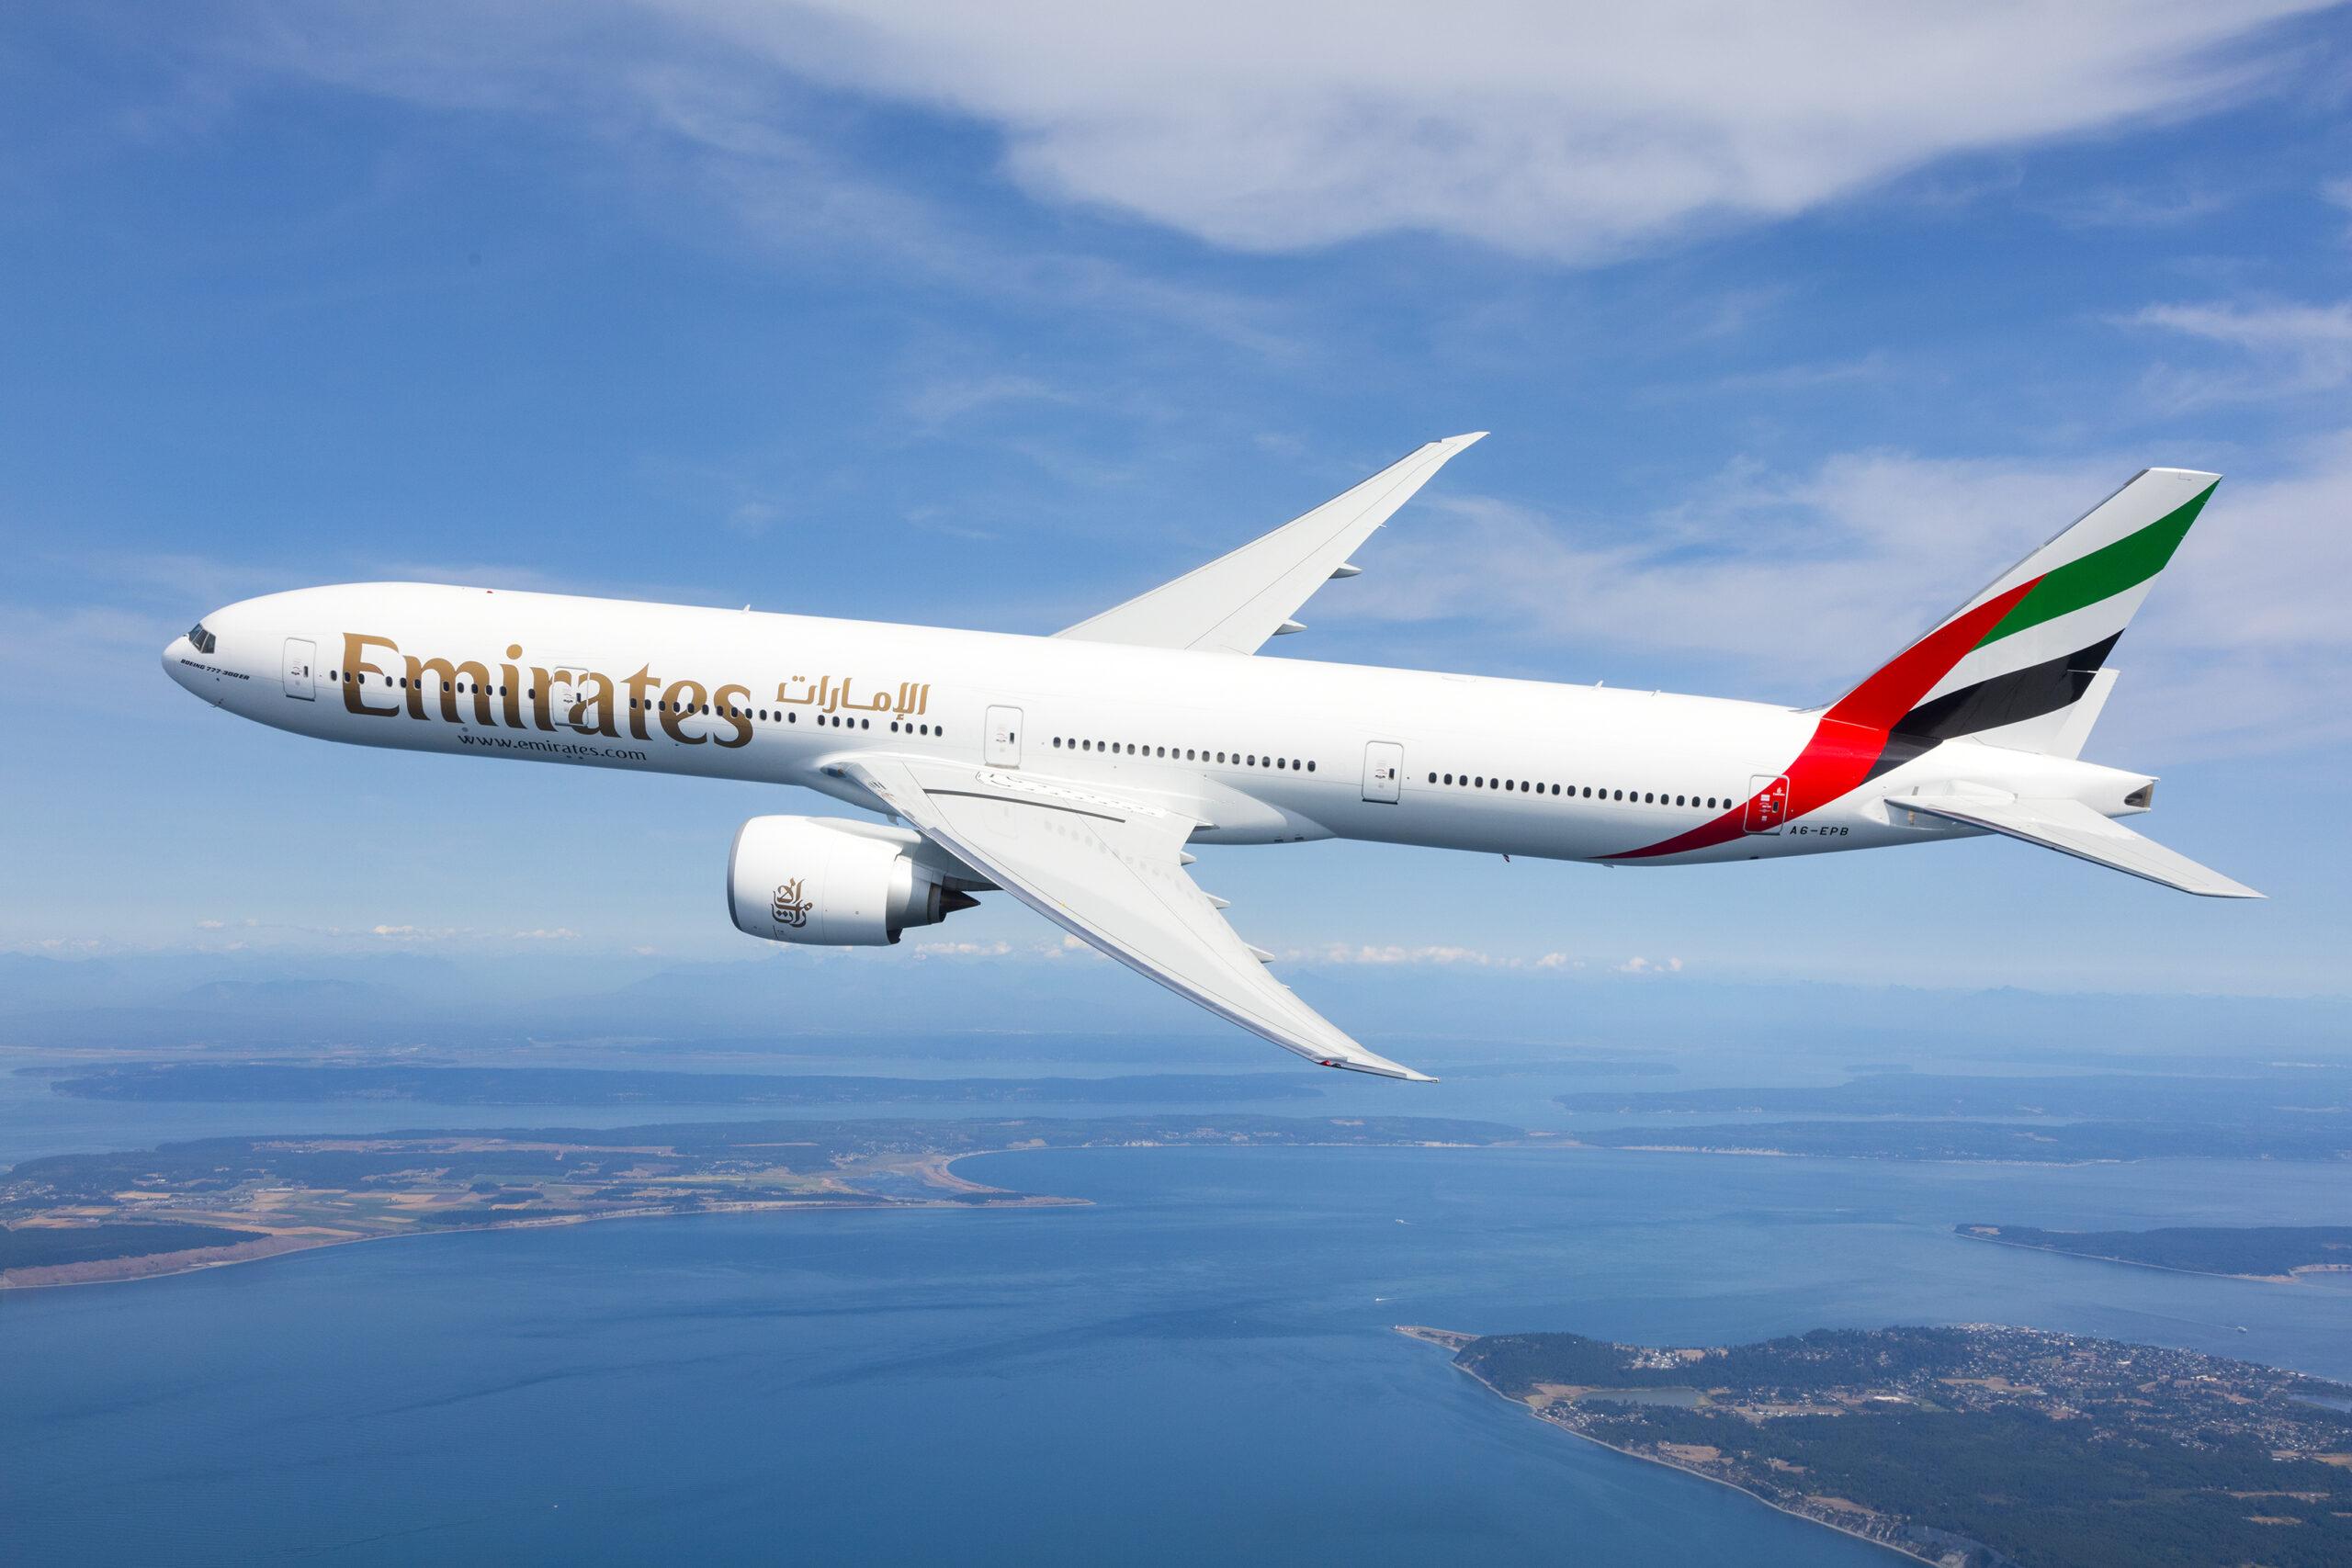 Linie Emirates wznawiają loty do Phuket i ponownie otwierają wyspę na turystykę międzynarodową